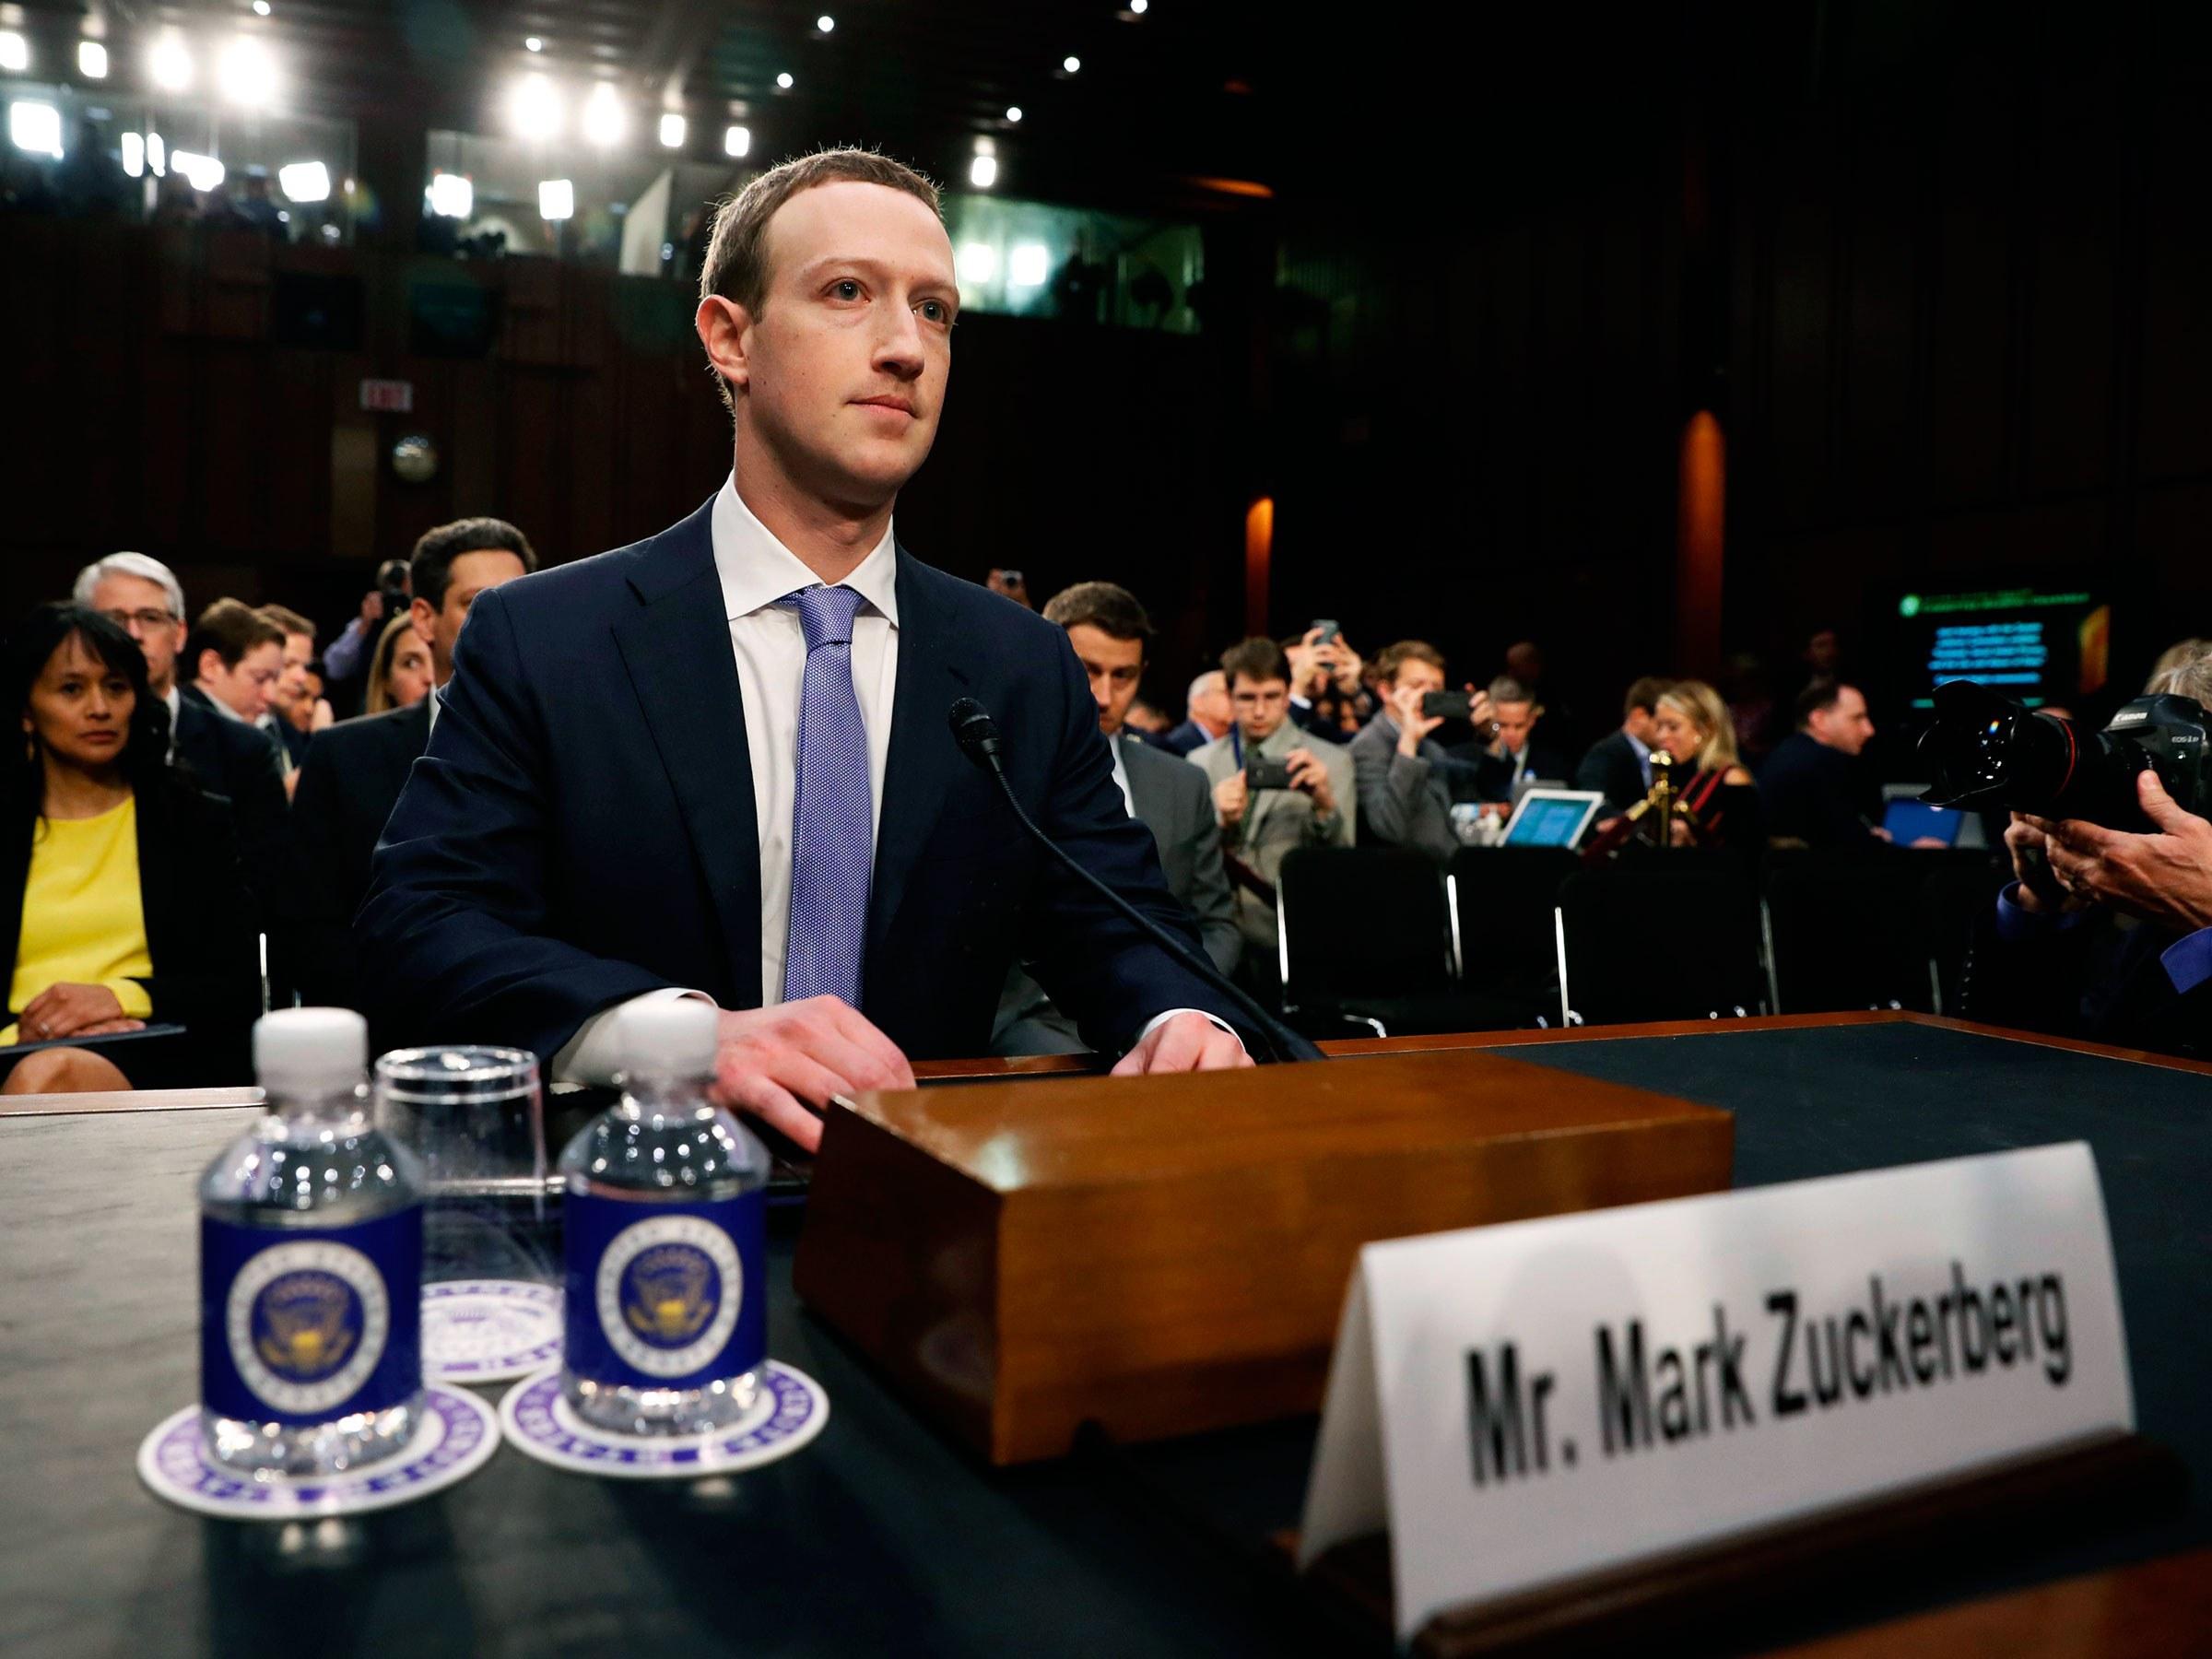 В апреле 2018 года глава Facebook Марк Цукебрег выступил перед Конгрессом США с извинениями за утечку персональных данных миллионов пользователей